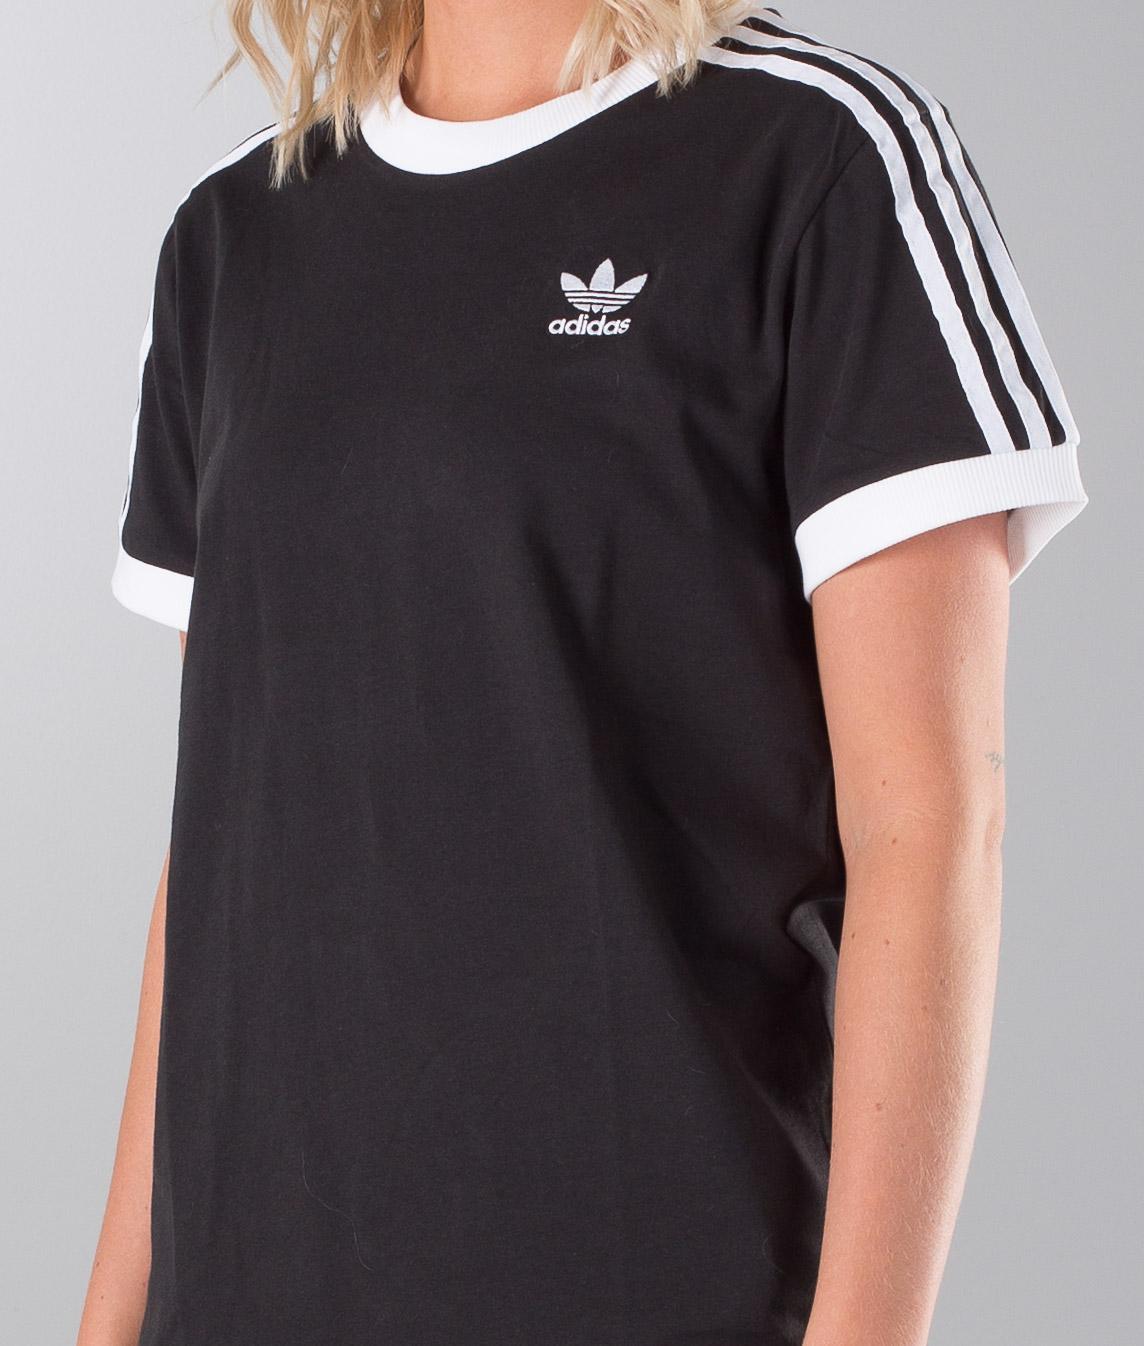 Shirt Adidas Black Originals T 3 Stripes hQtCsrd